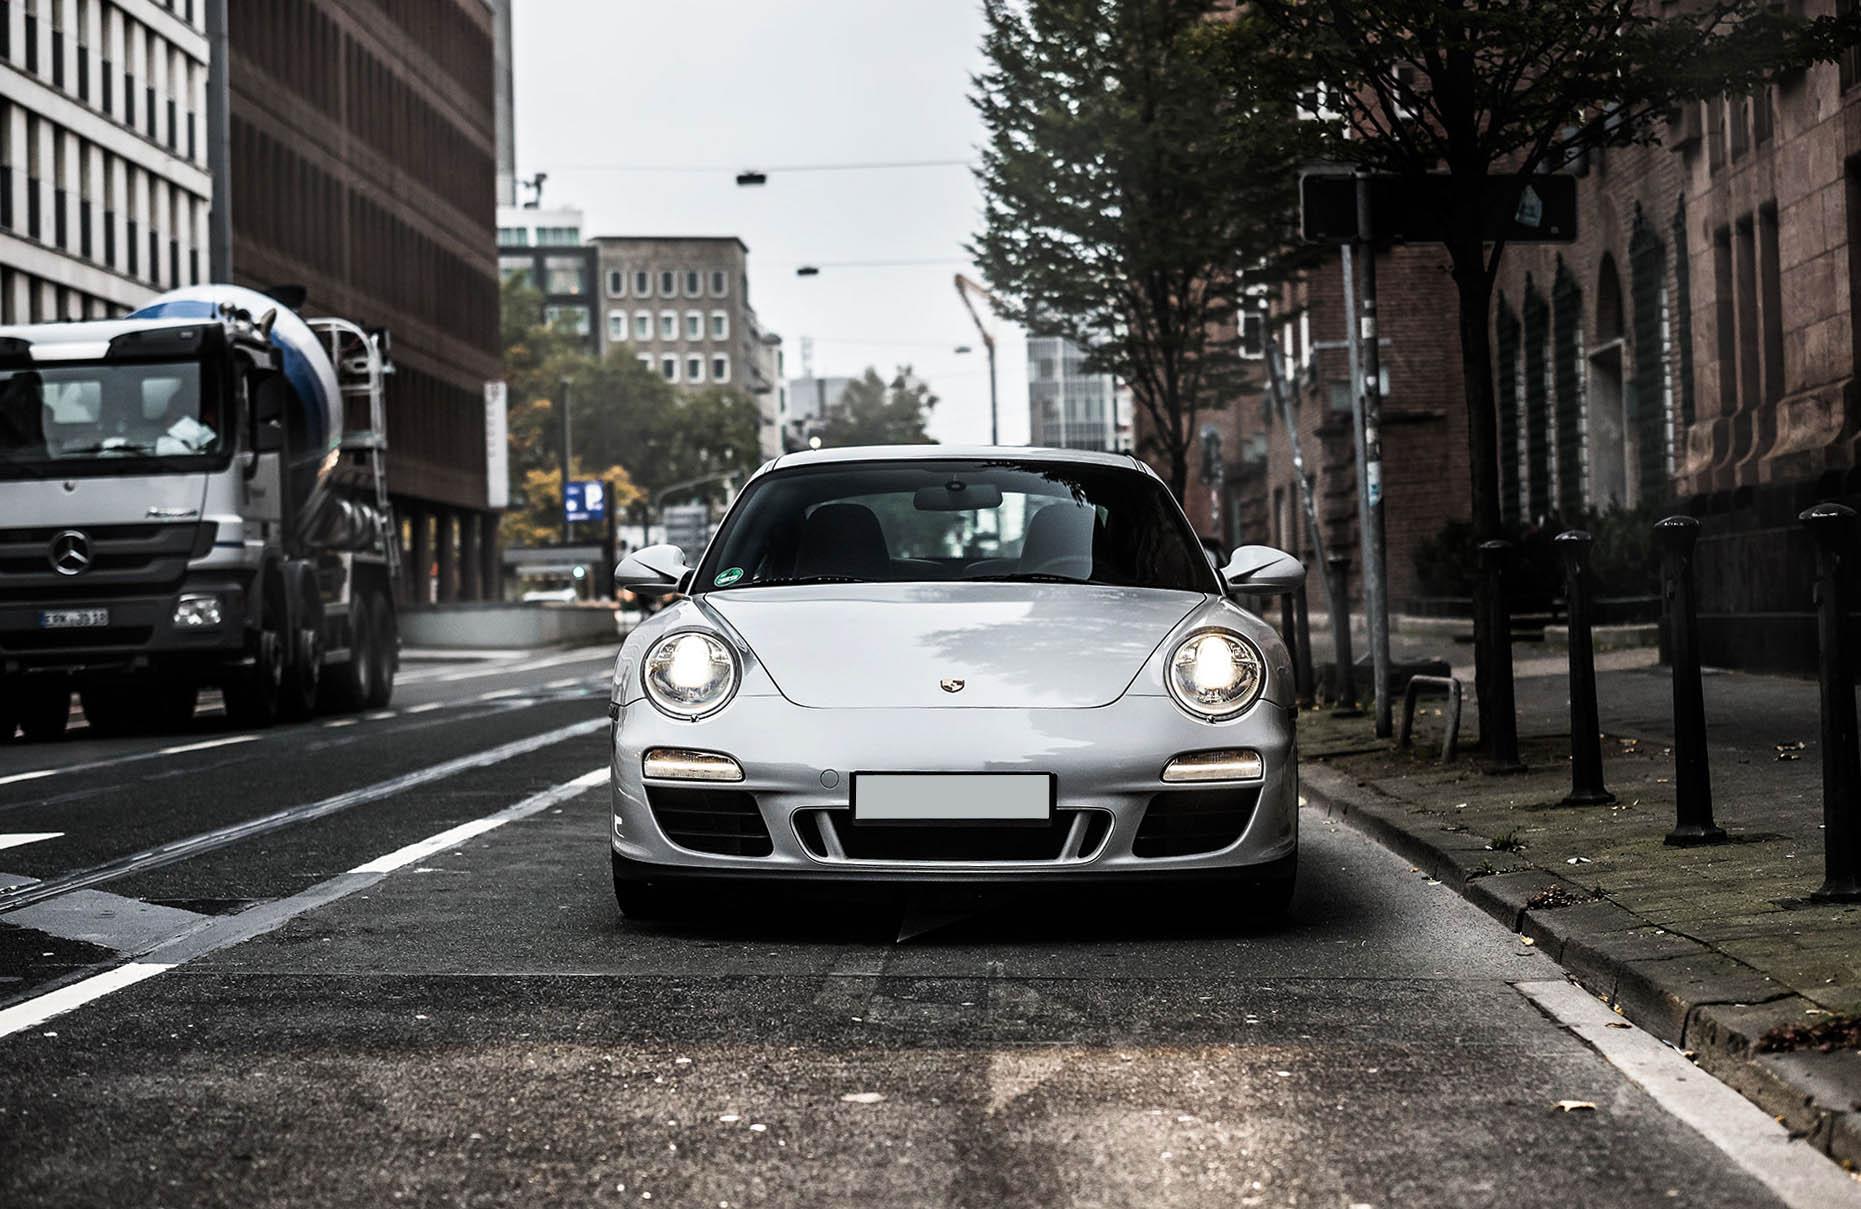 B&K_Sportwagen_Rheinland_GmbH_Porsche_997_4GTS_grau_16